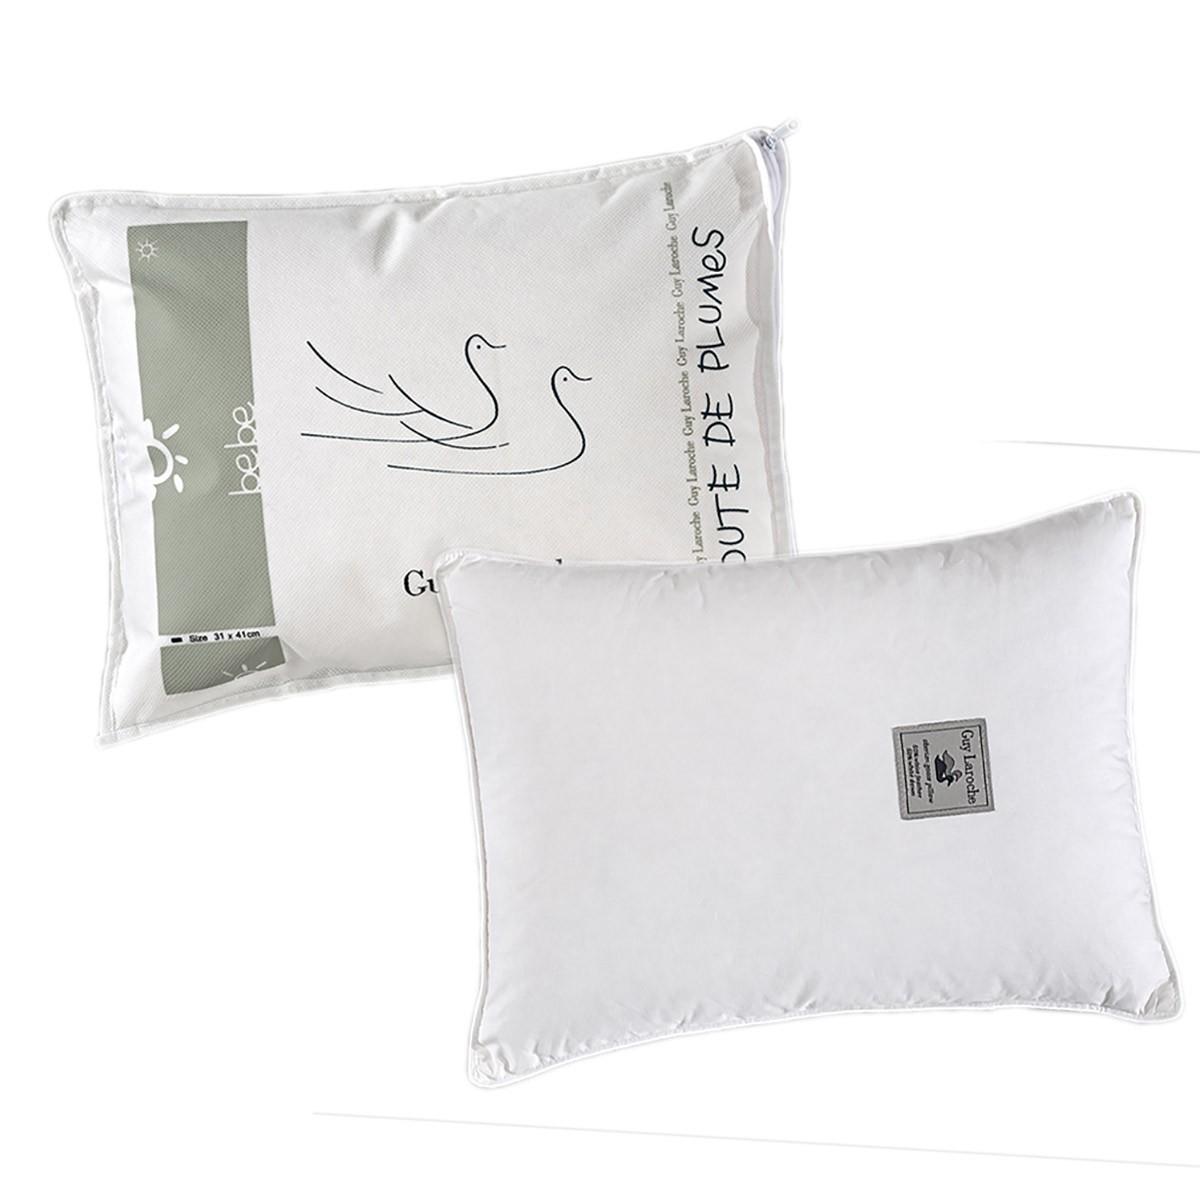 Βρεφικό Μαξιλάρι Πουπουλένιο Guy Laroche 50/50 home   βρεφικά   μαξιλάρια   επιστρώματα